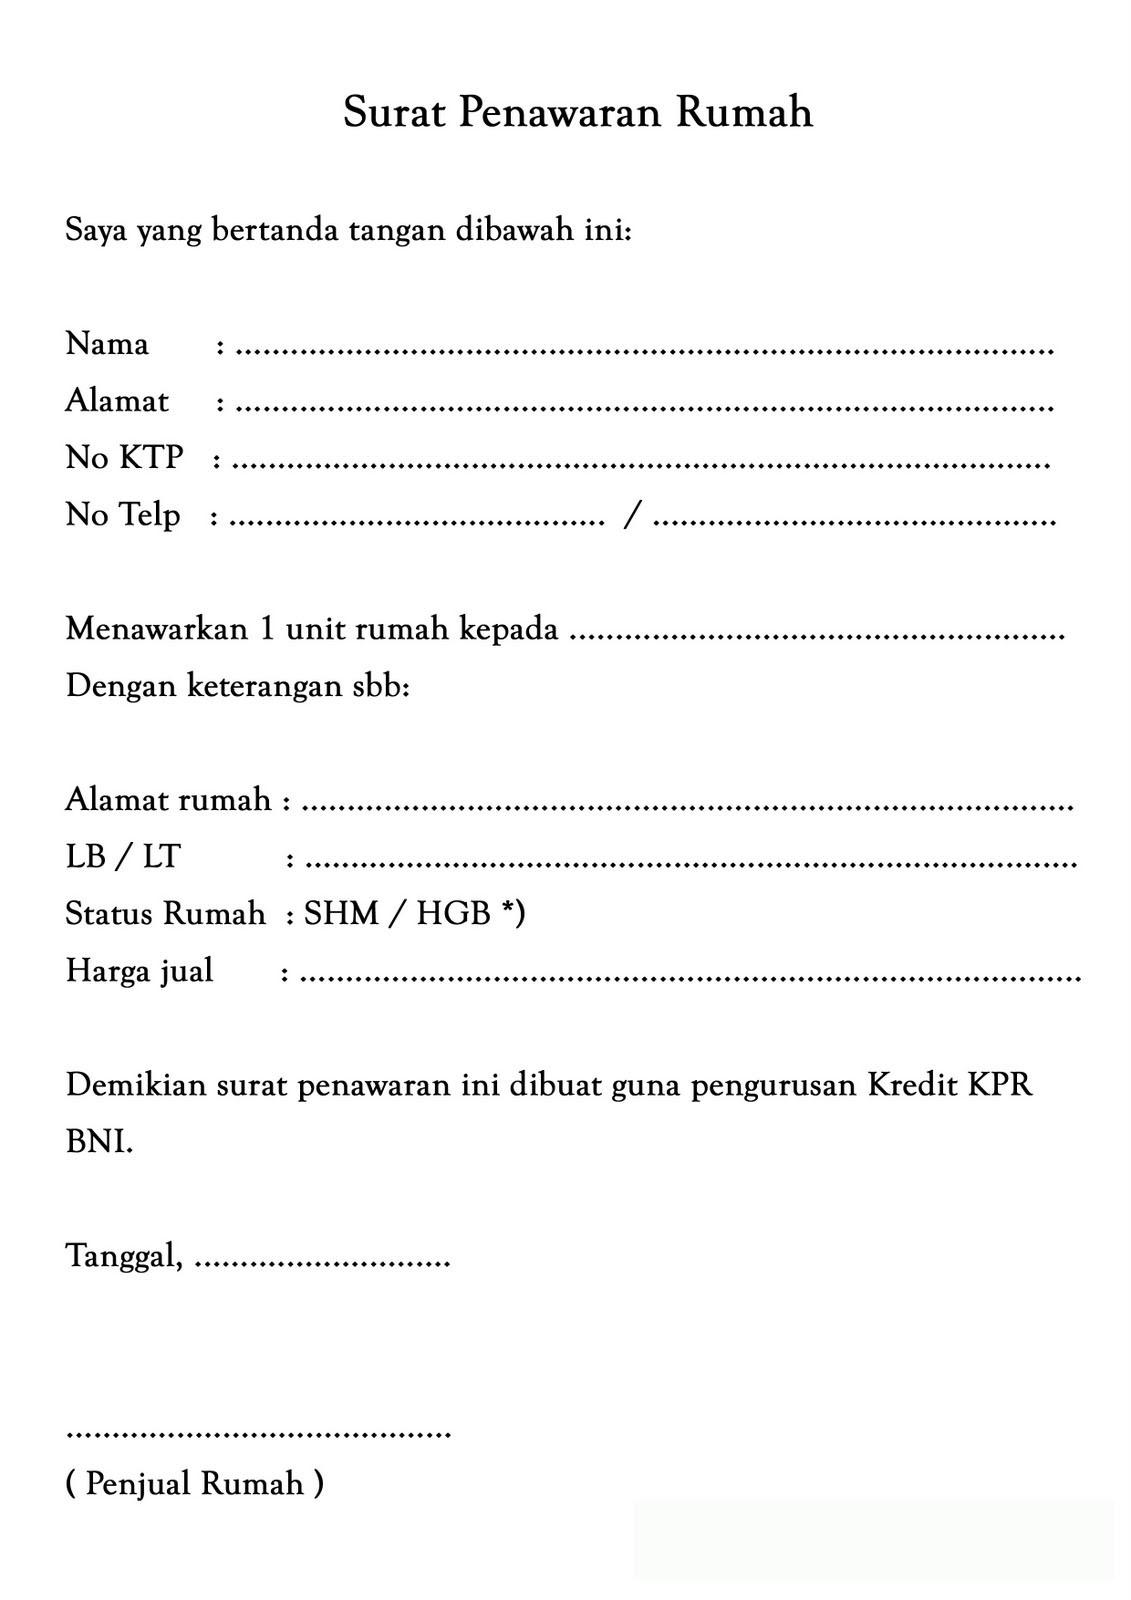 download surat penawaran rumah